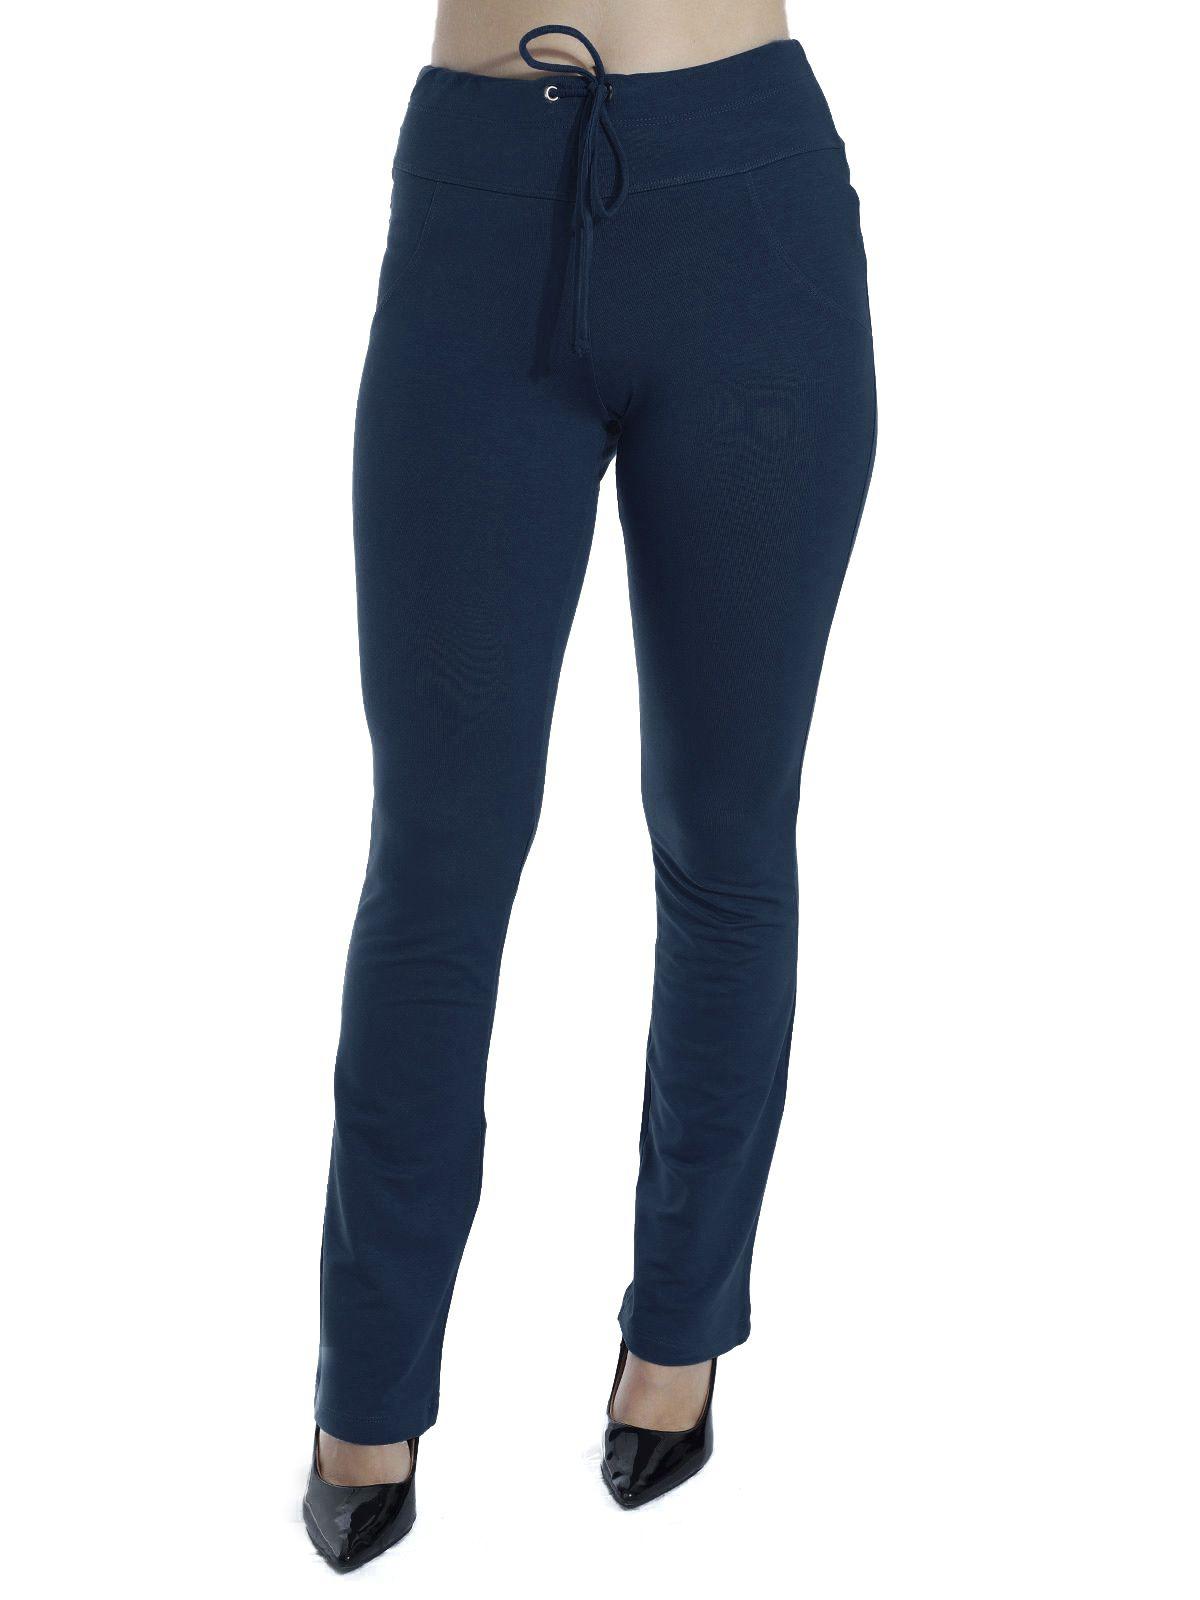 Calça de Moletinho Feminina Azul Marinho